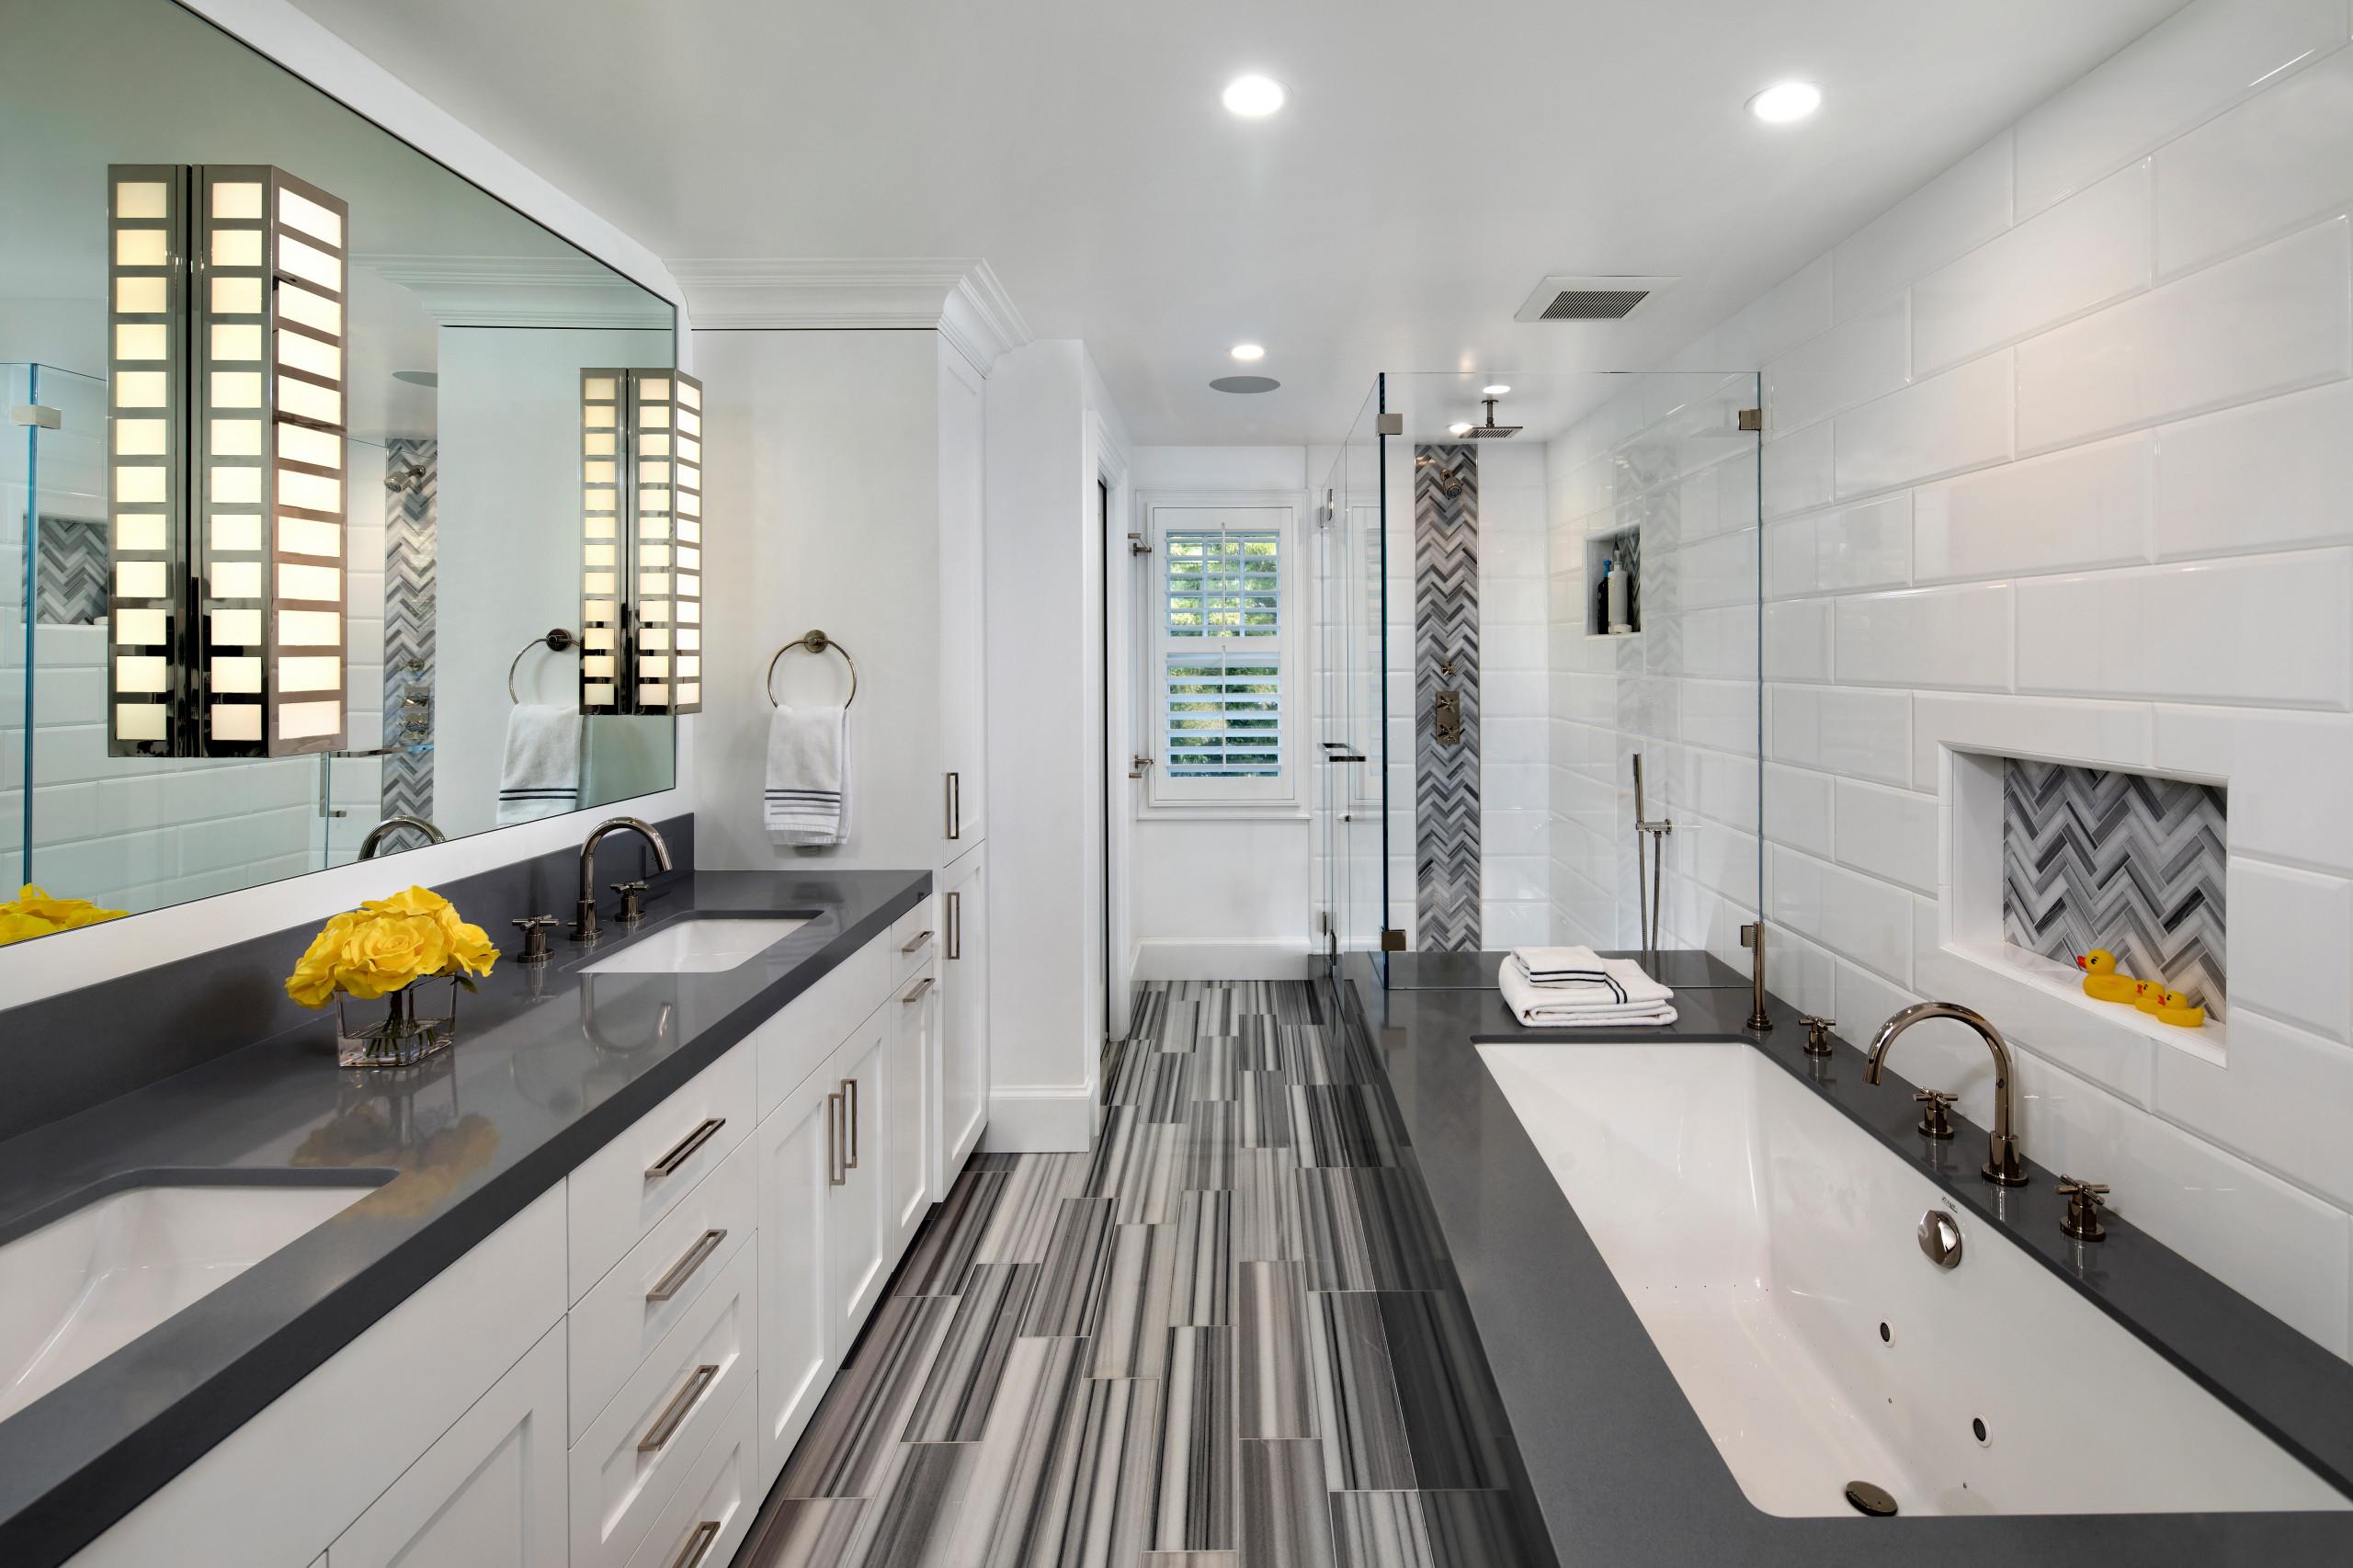 Colonial Revival - contemporary master bath